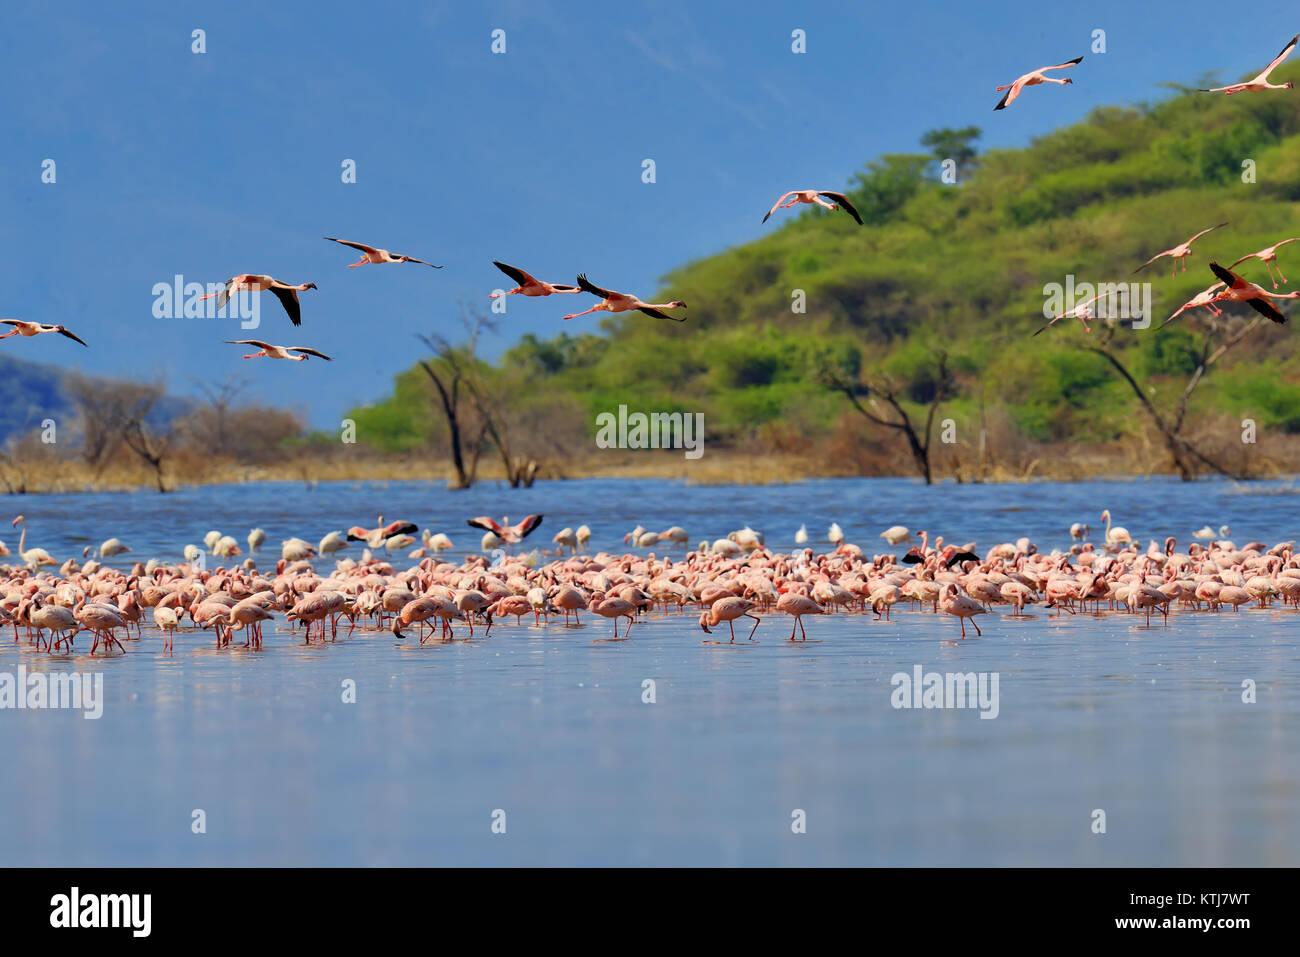 Stormo di fenicotteri wading nella laguna poco profonda l'acqua. Kenya, Africa Immagini Stock